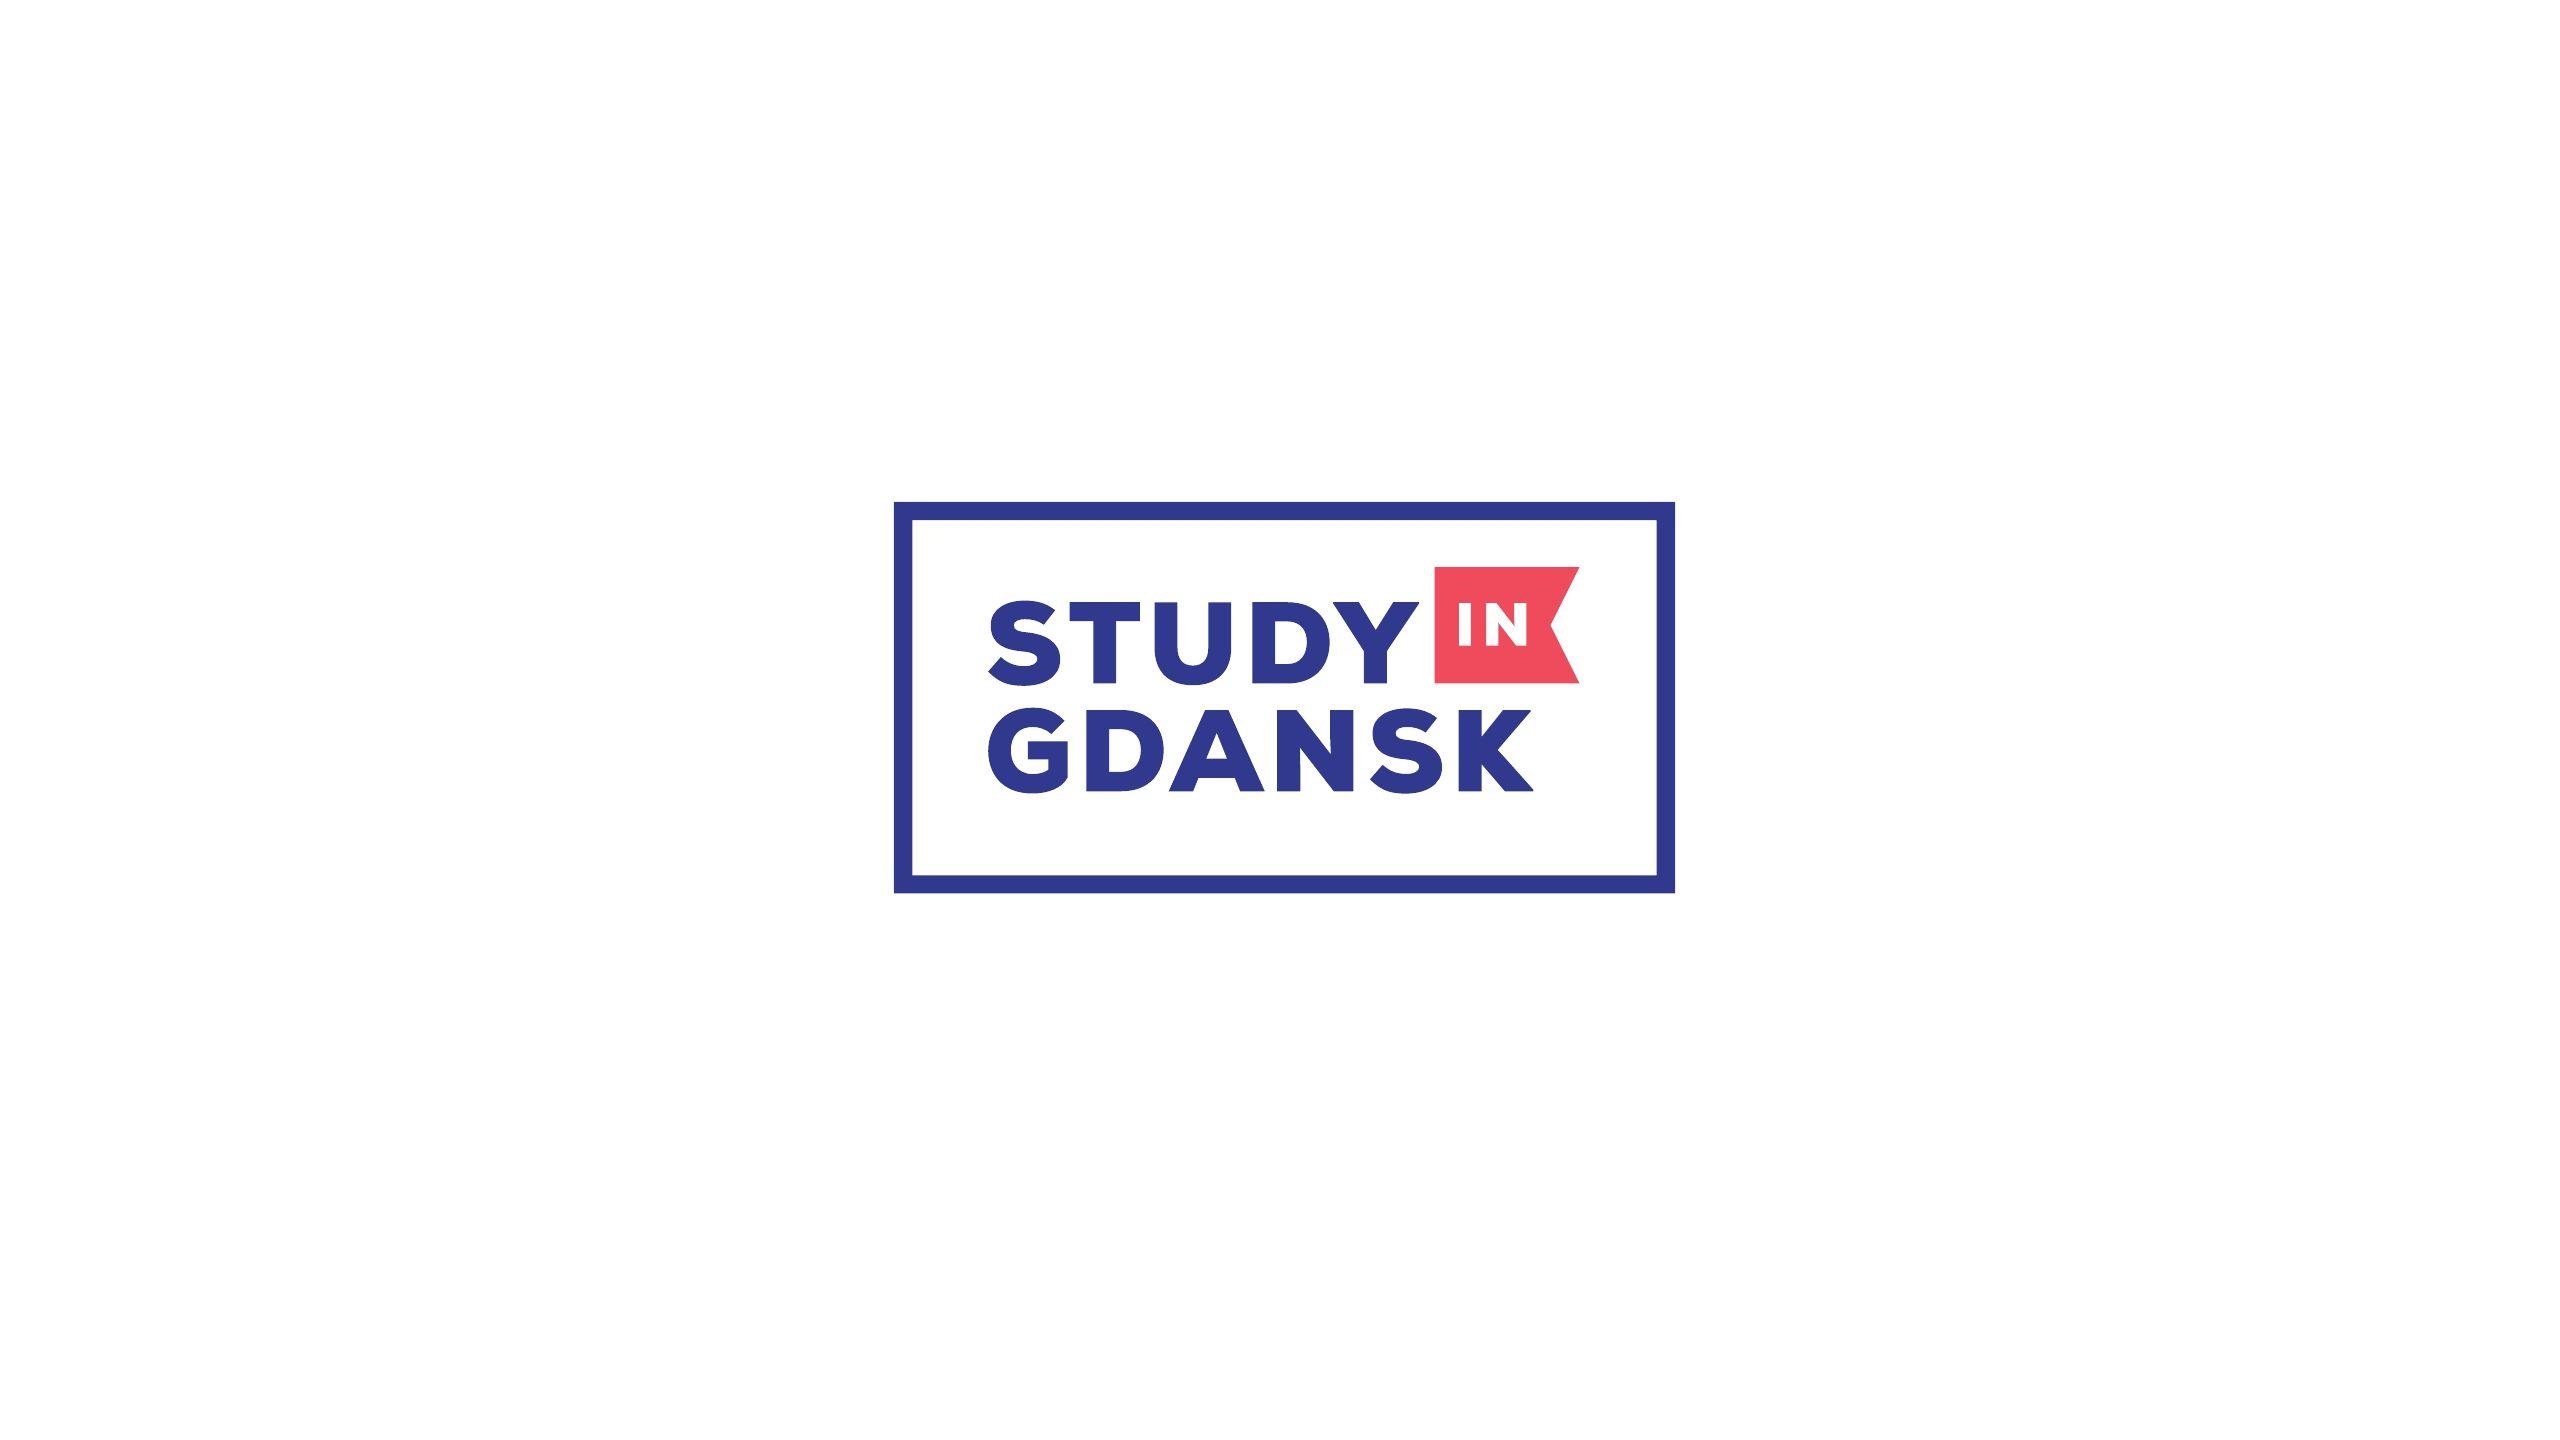 O studiach w Polsce myślałem będąc jeszcze w szkole, cieszę się, że udało mi się zrealizować swój cel.